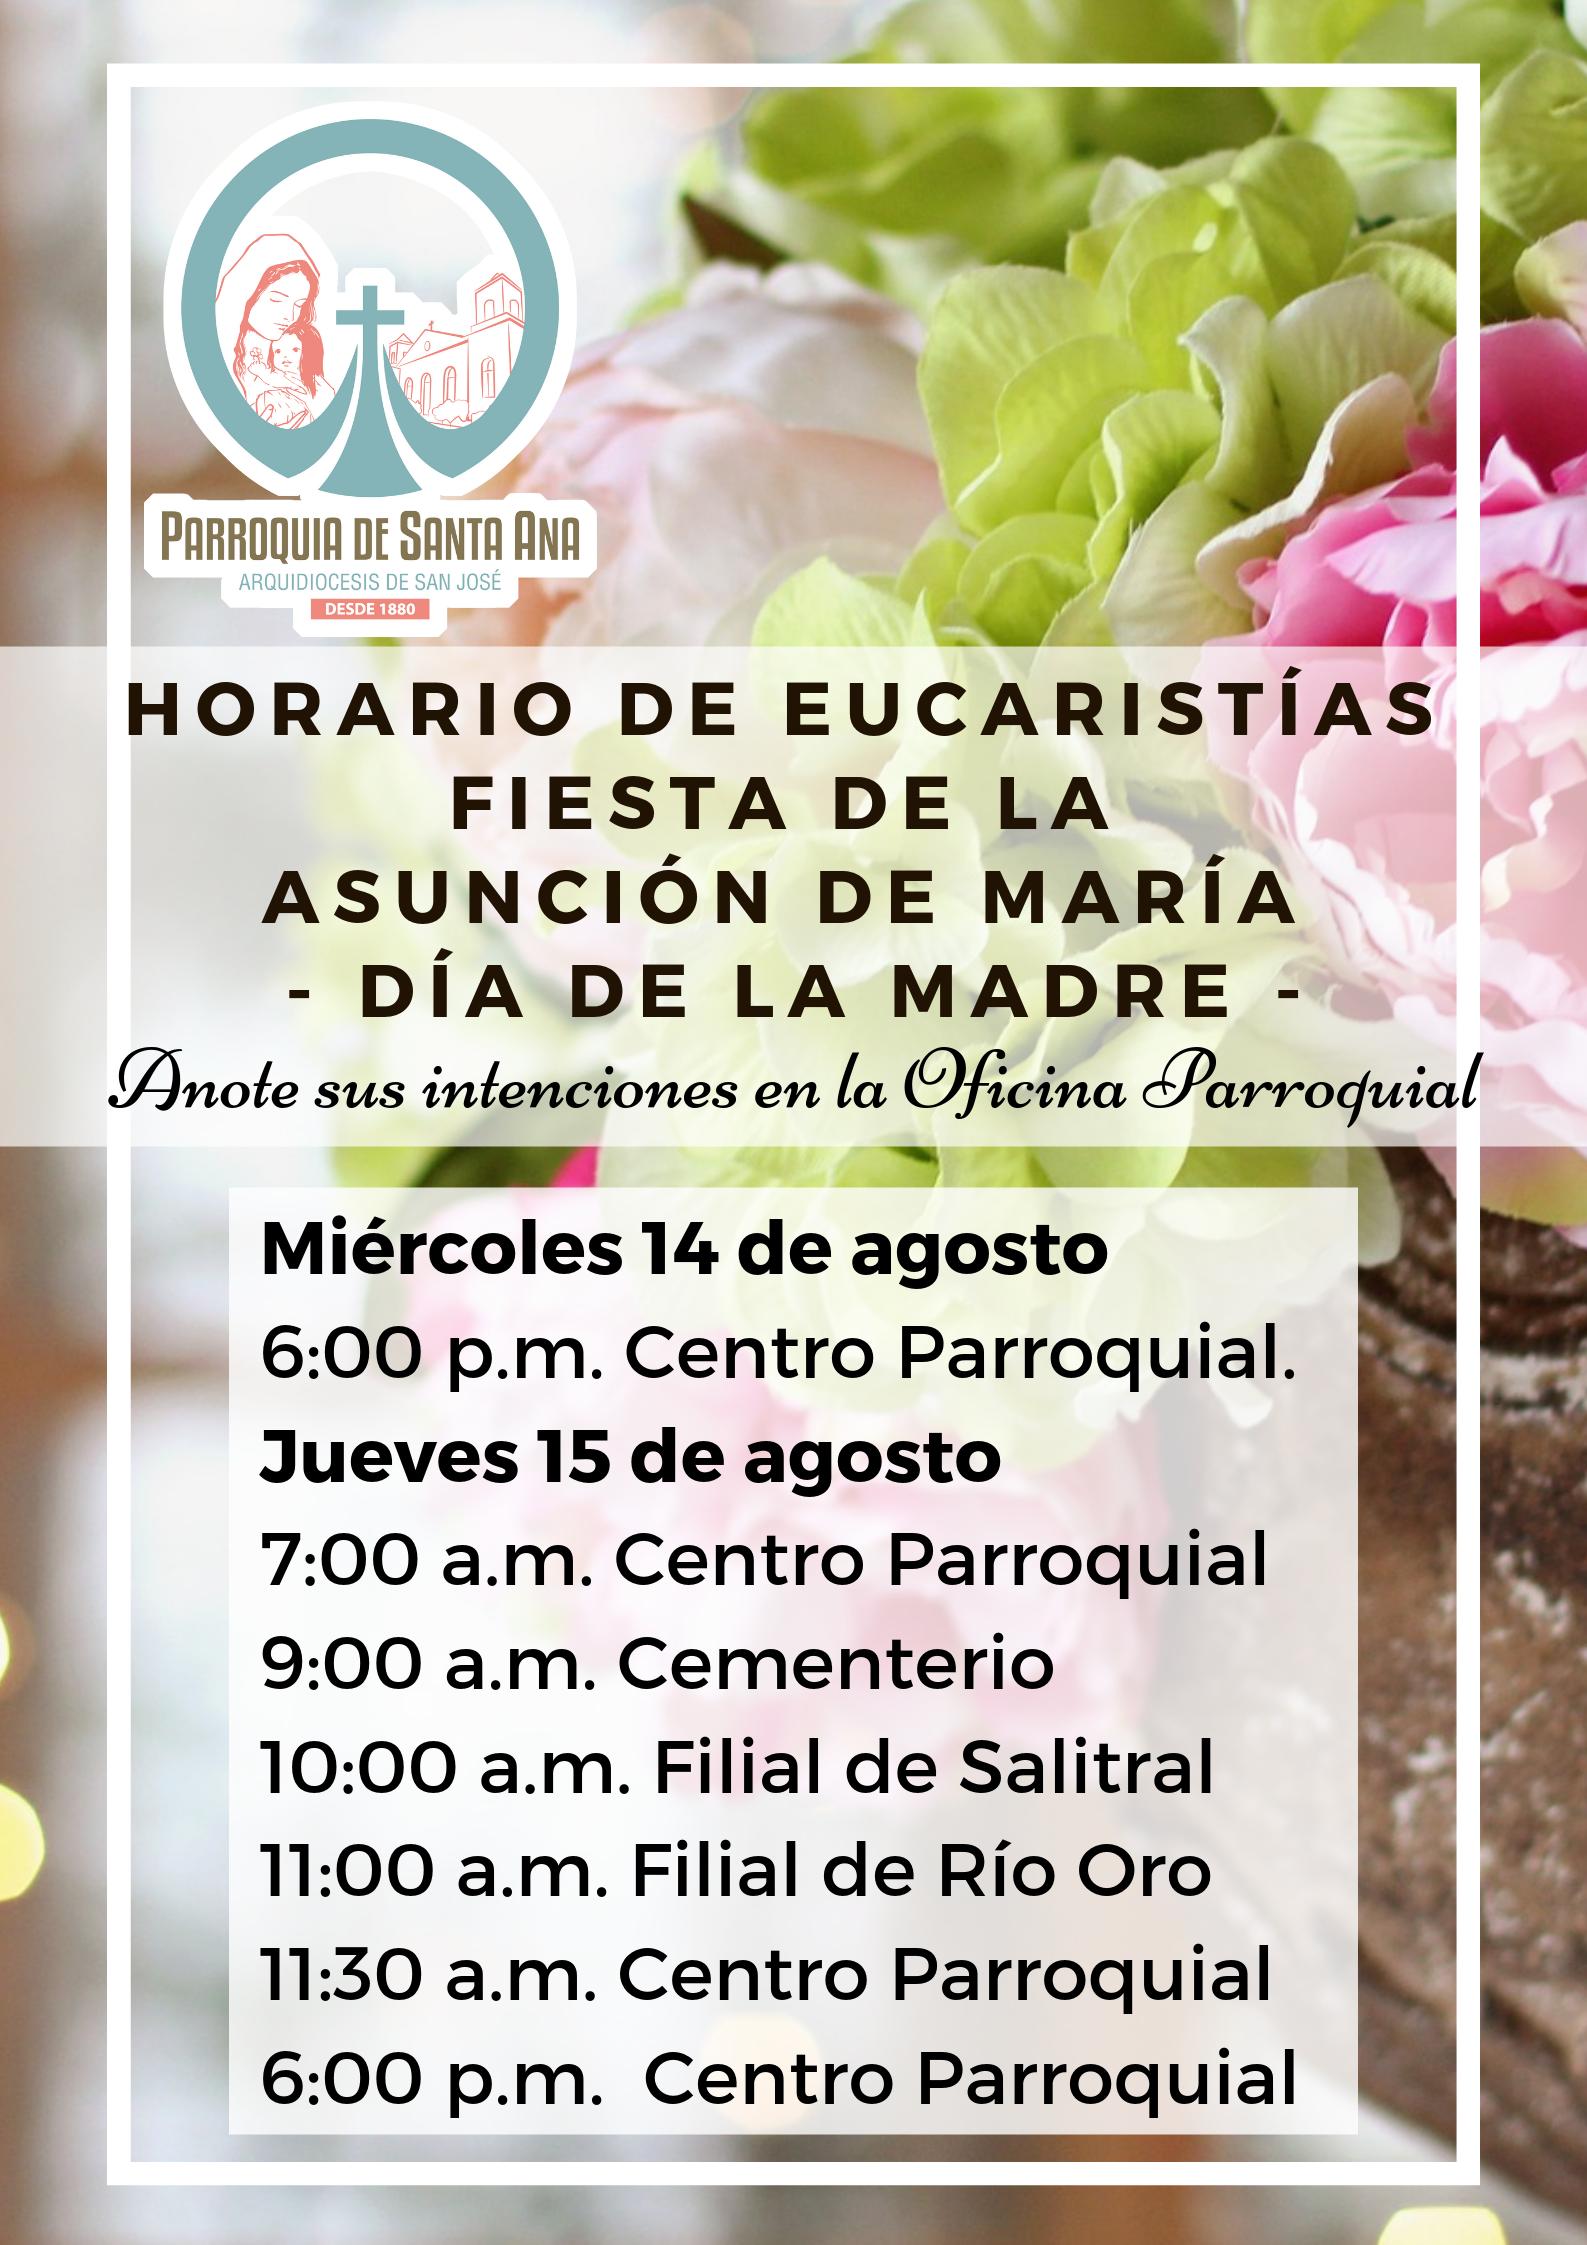 Horario Eucaristías Día Madre.png